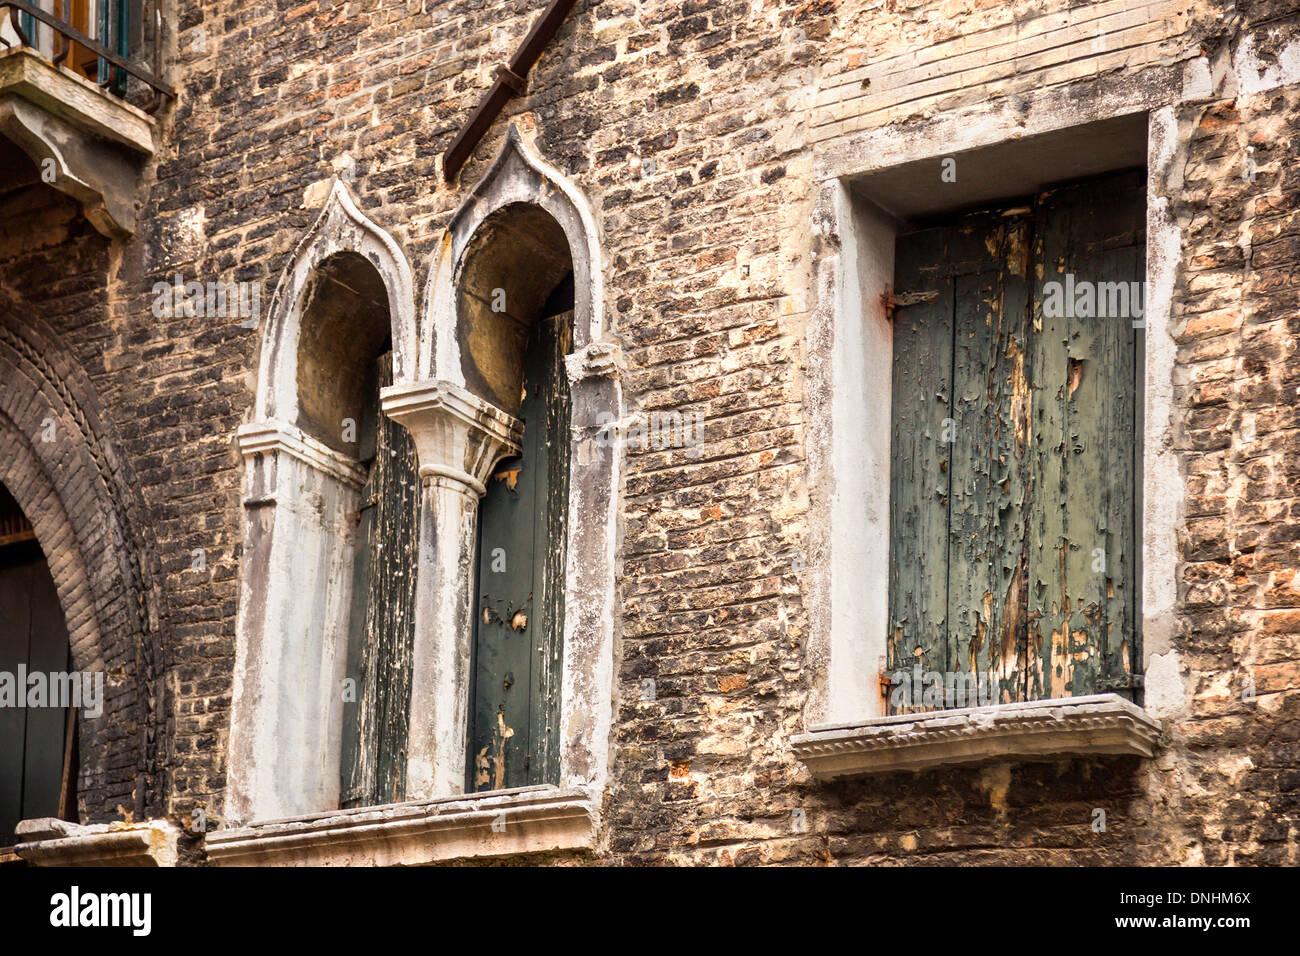 Low angle view of windows d'un bâtiment, Venise, Vénétie, Italie Banque D'Images